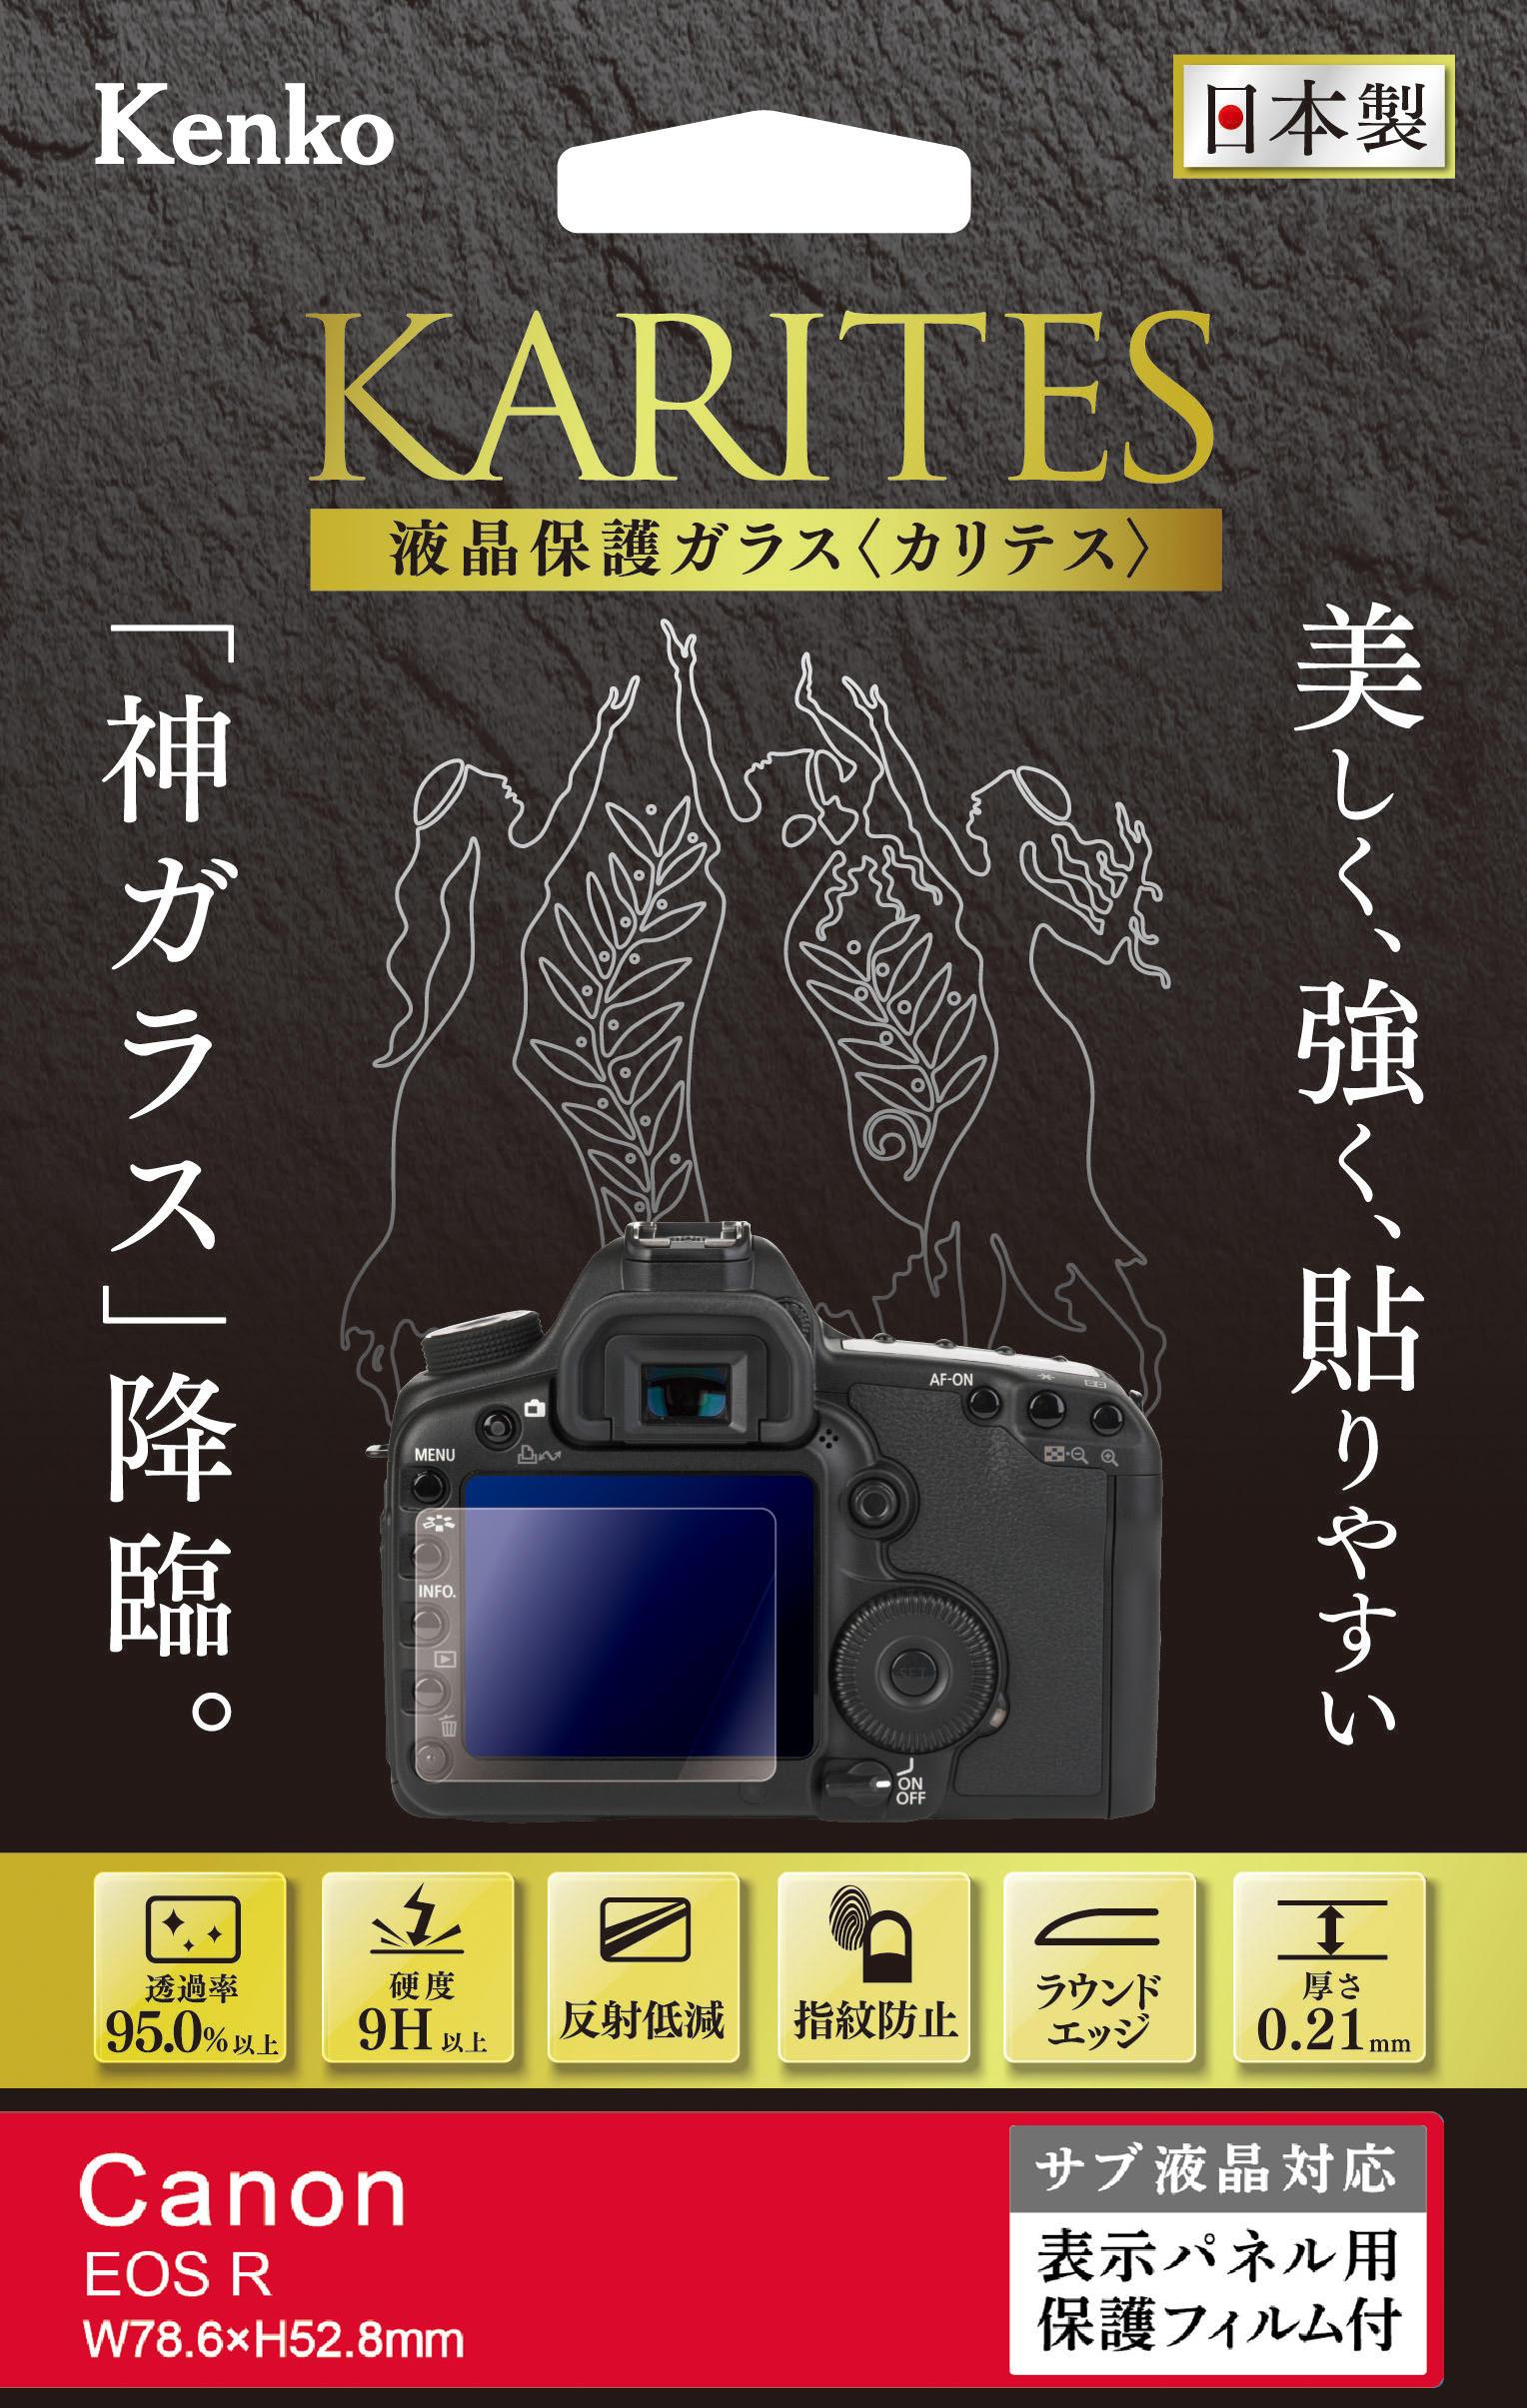 https://www.kenko-tokina.co.jp/imaging/eq/mt-images/4961607072585.jpg